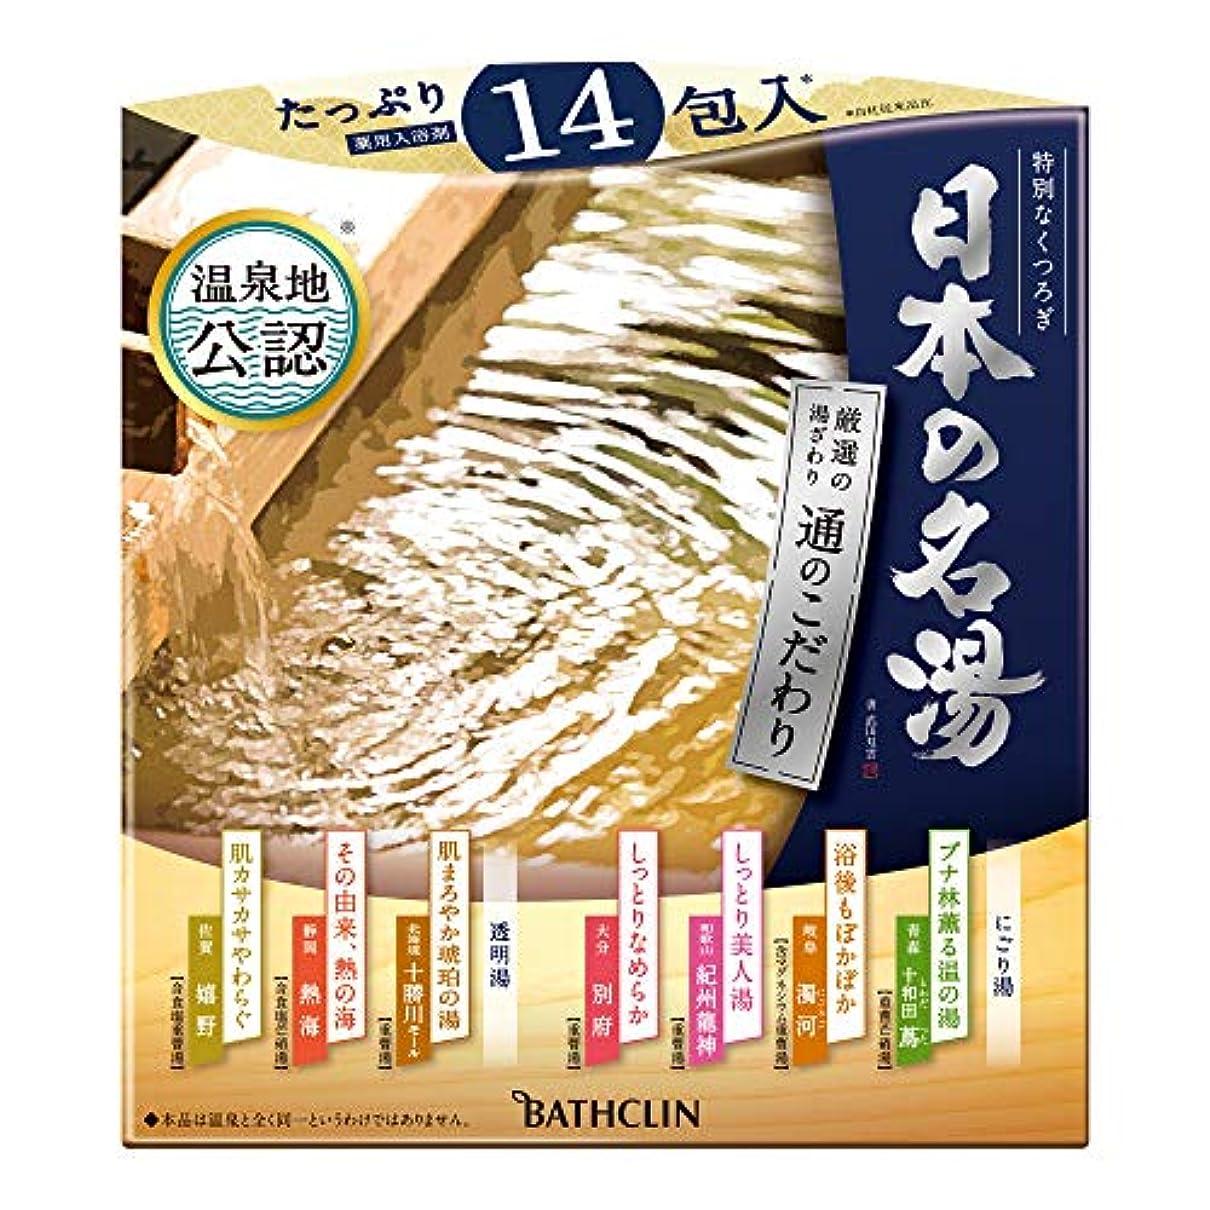 非武装化責め通訳日本の名湯 通のこだわり 入浴剤 色と香りで情緒を表現した温泉タイプ入浴剤 セット 30g×14包